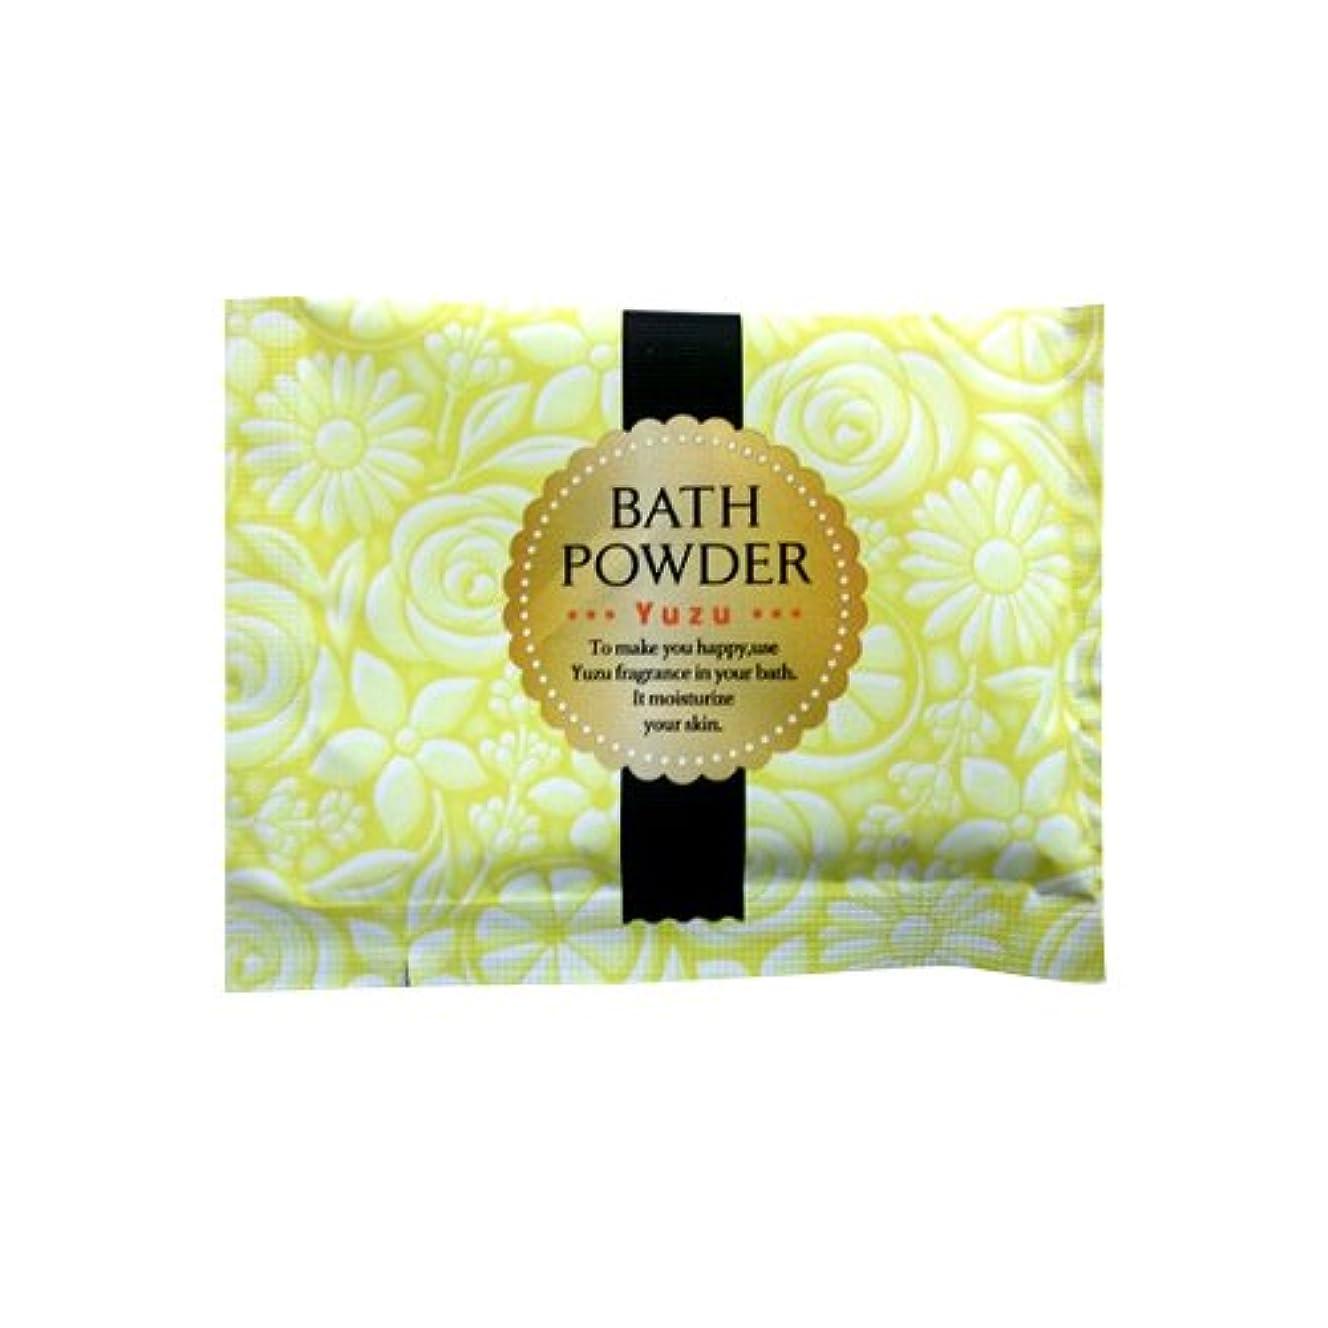 ブリードを通して補助入浴剤 LUCKY BATH (ラッキーバス) 25g ユズの香り